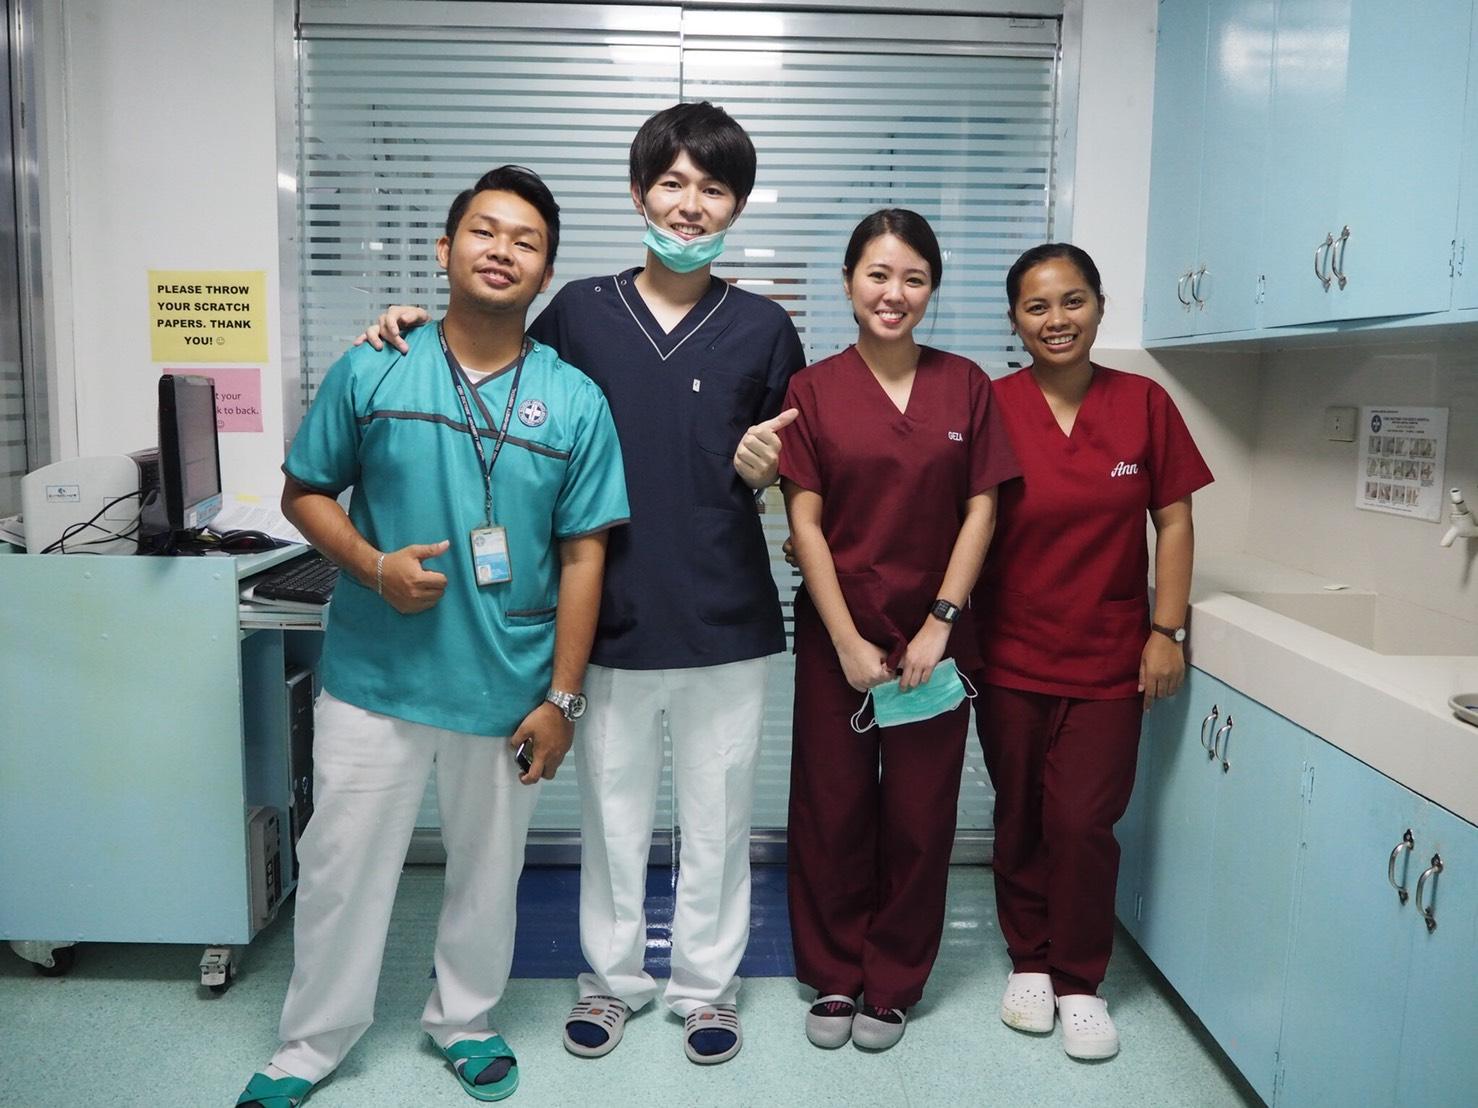 医療英語を習得しオリンピックで活躍!グローバル看護師育成コースとは?